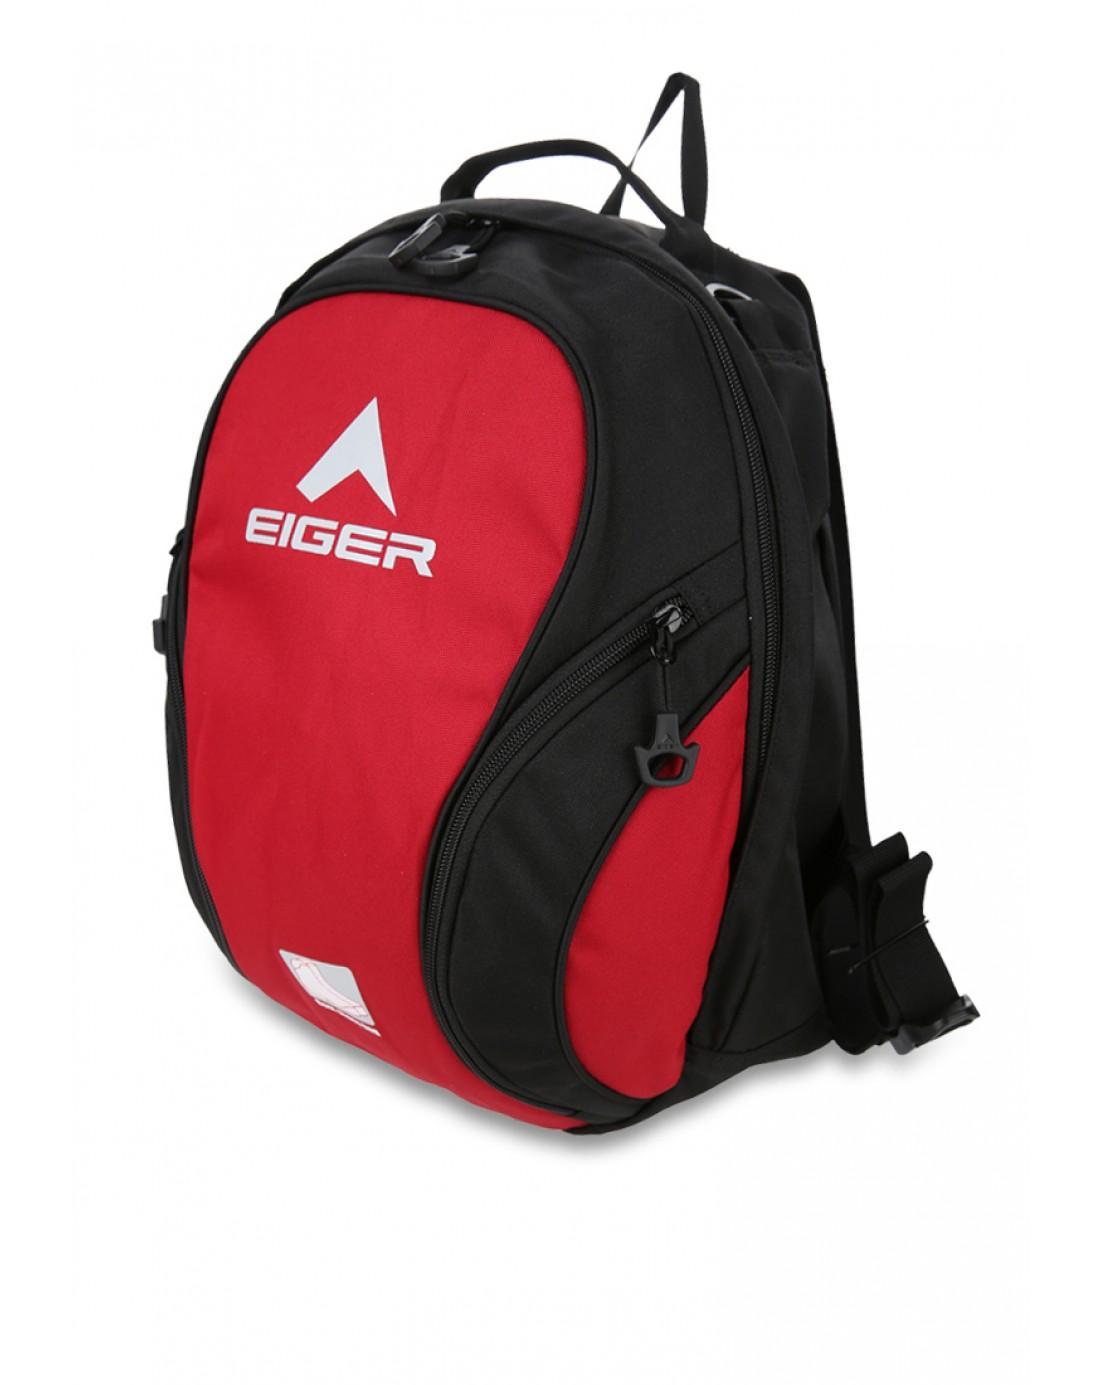 Eiger Sepatu Boot Shoes Bag Tas Backpack - Red